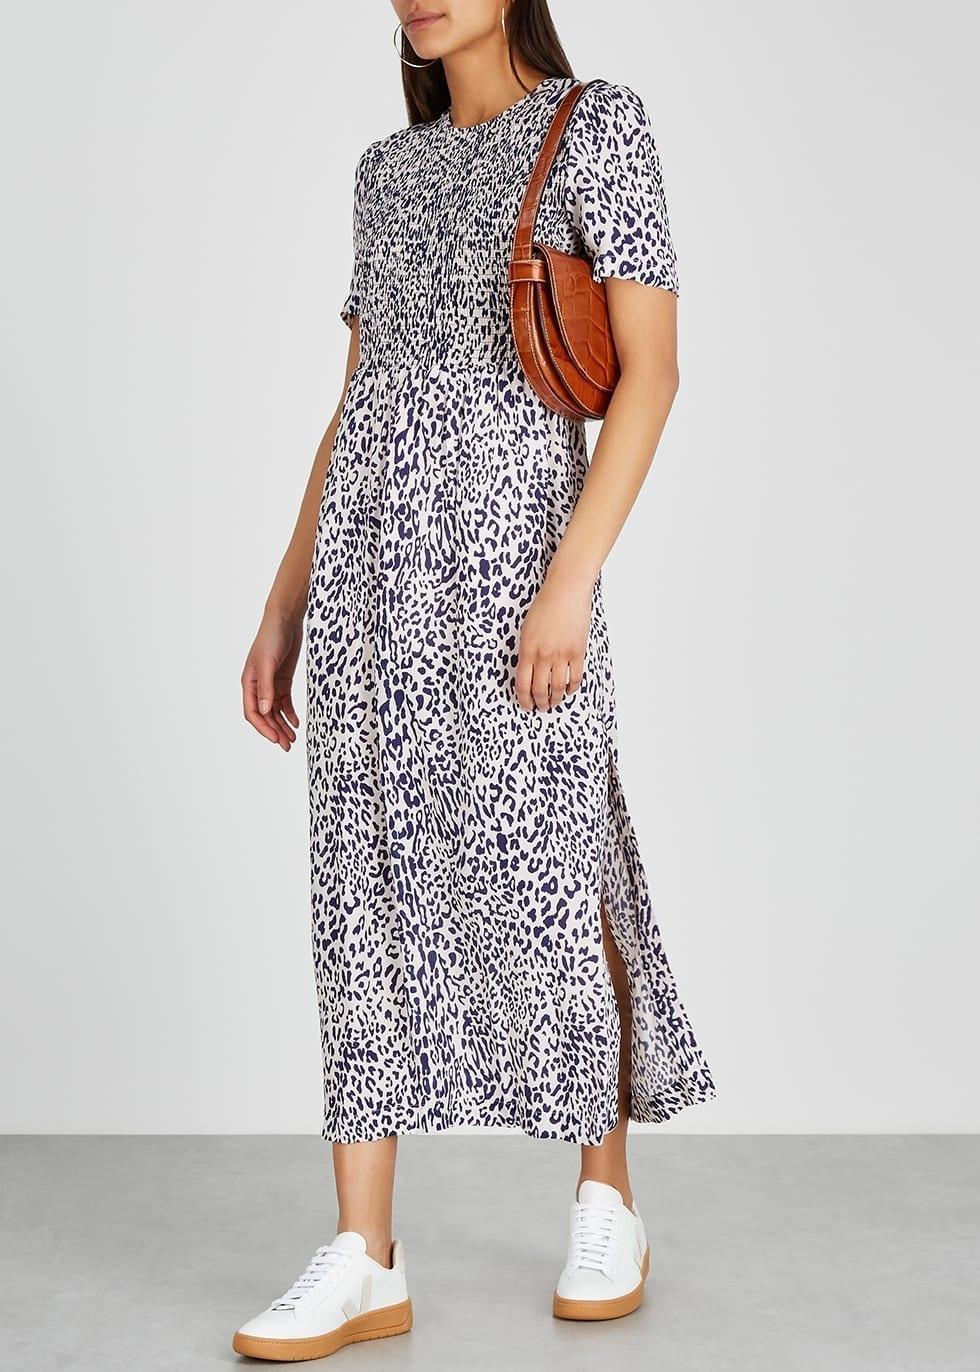 BAUM UND PFERDGARTEN Leopard-print Woven Midi Dress